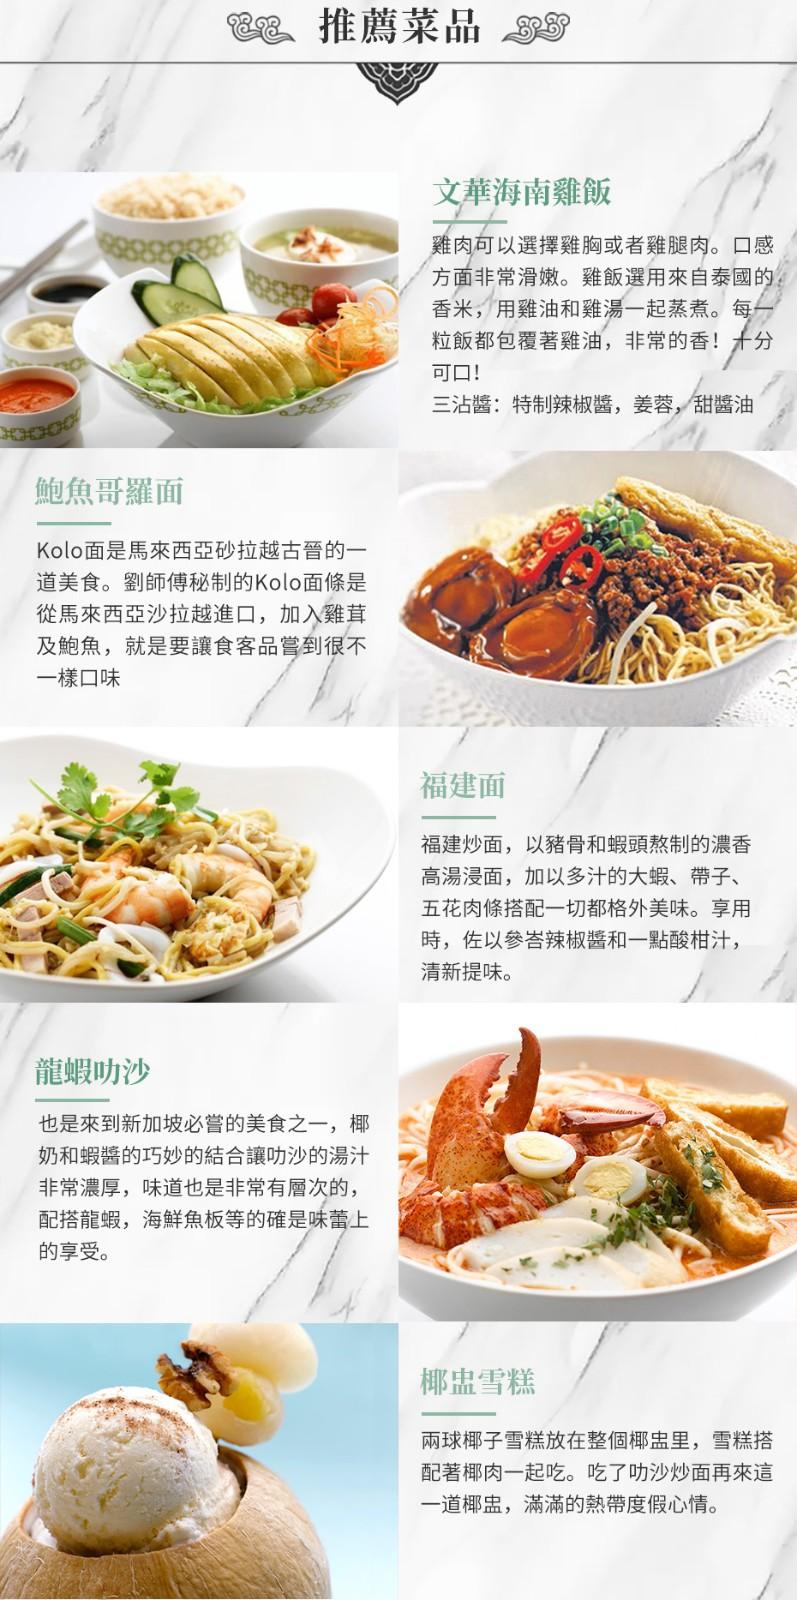 新加坡話匣子餐廳海南雞飯單人套餐,新加坡話匣子餐廳套餐,新加坡話匣子餐廳單人餐,新加坡話匣子餐廳海南雞飯,新加坡話匣子海南雞飯,新加坡海南雞飯套餐,新加坡話匣子套餐價格,新加坡話匣子單人套餐,新加坡海南雞飯套餐,